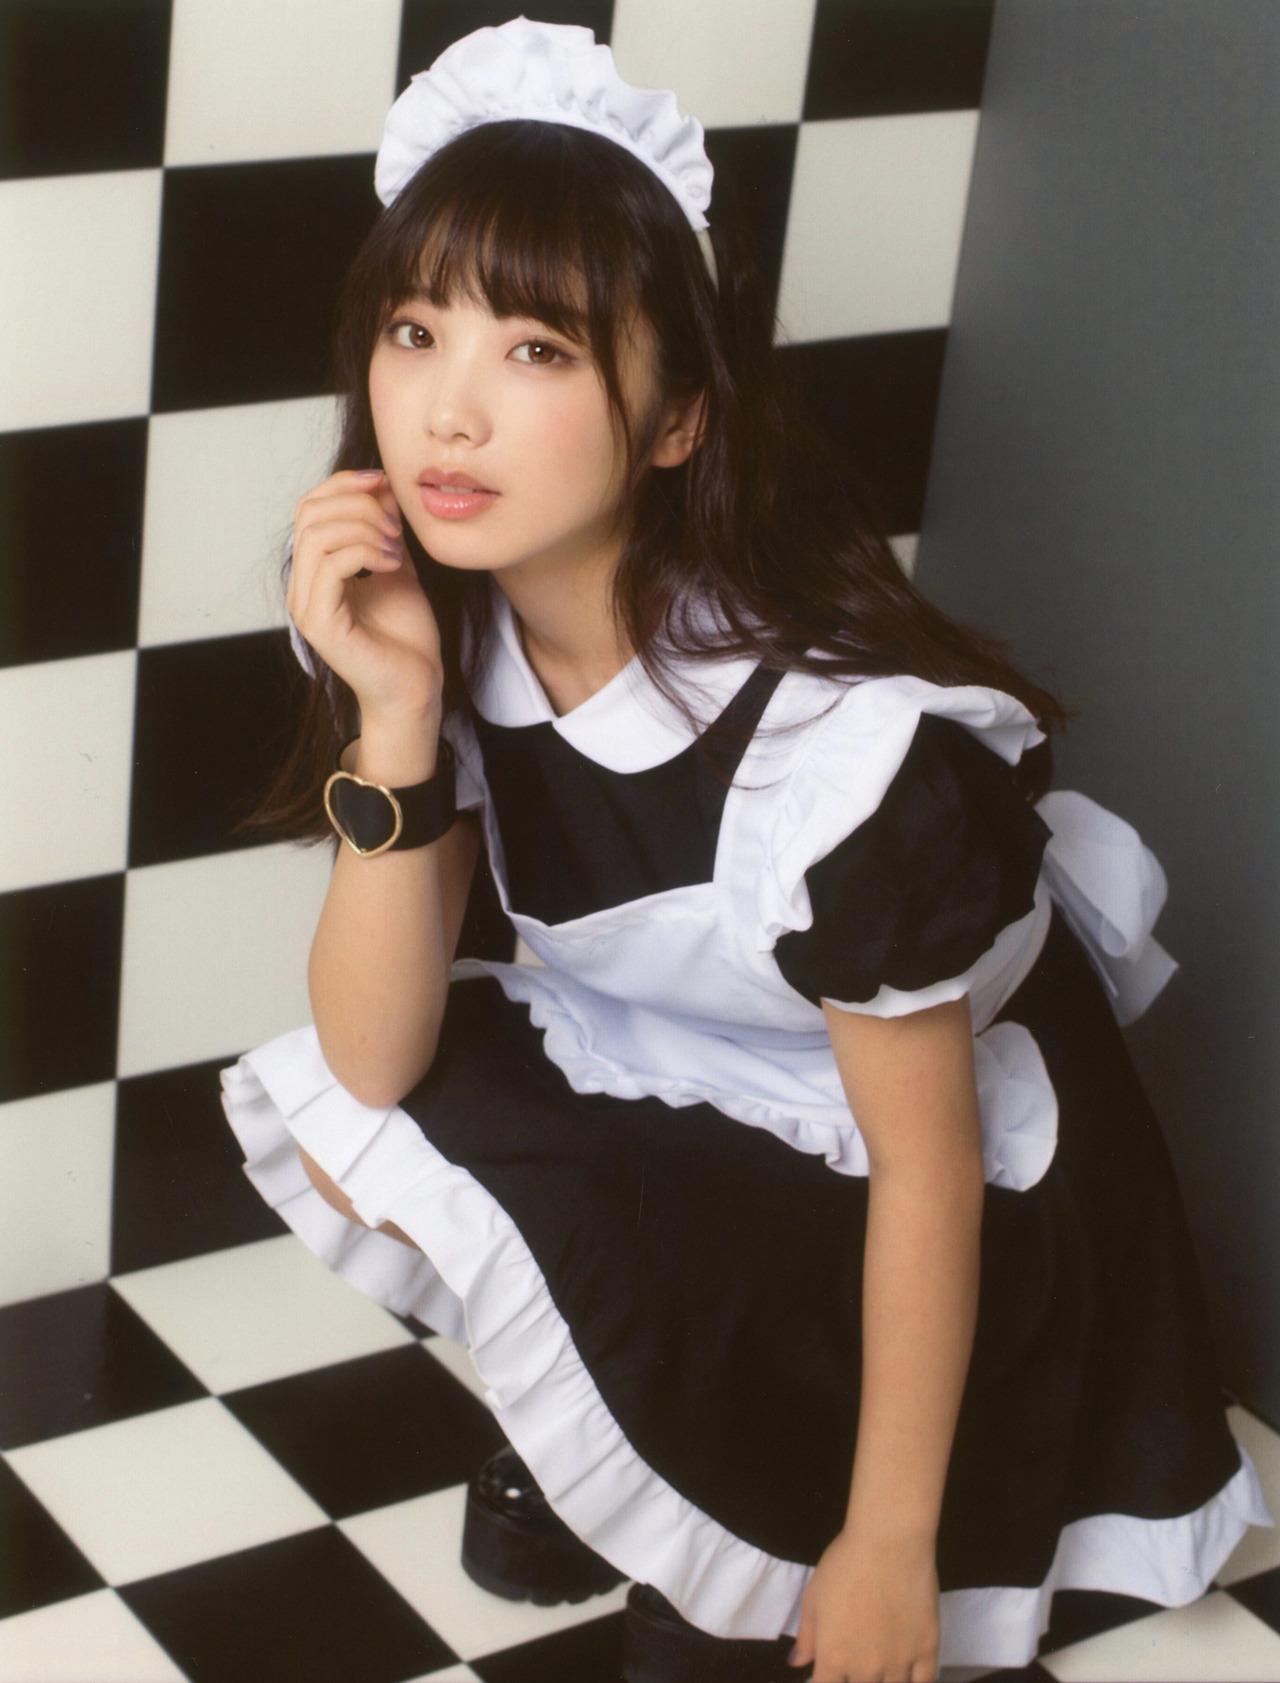 00年生日本小姐姐「与田祐希」女仆装 美呆了 第3张